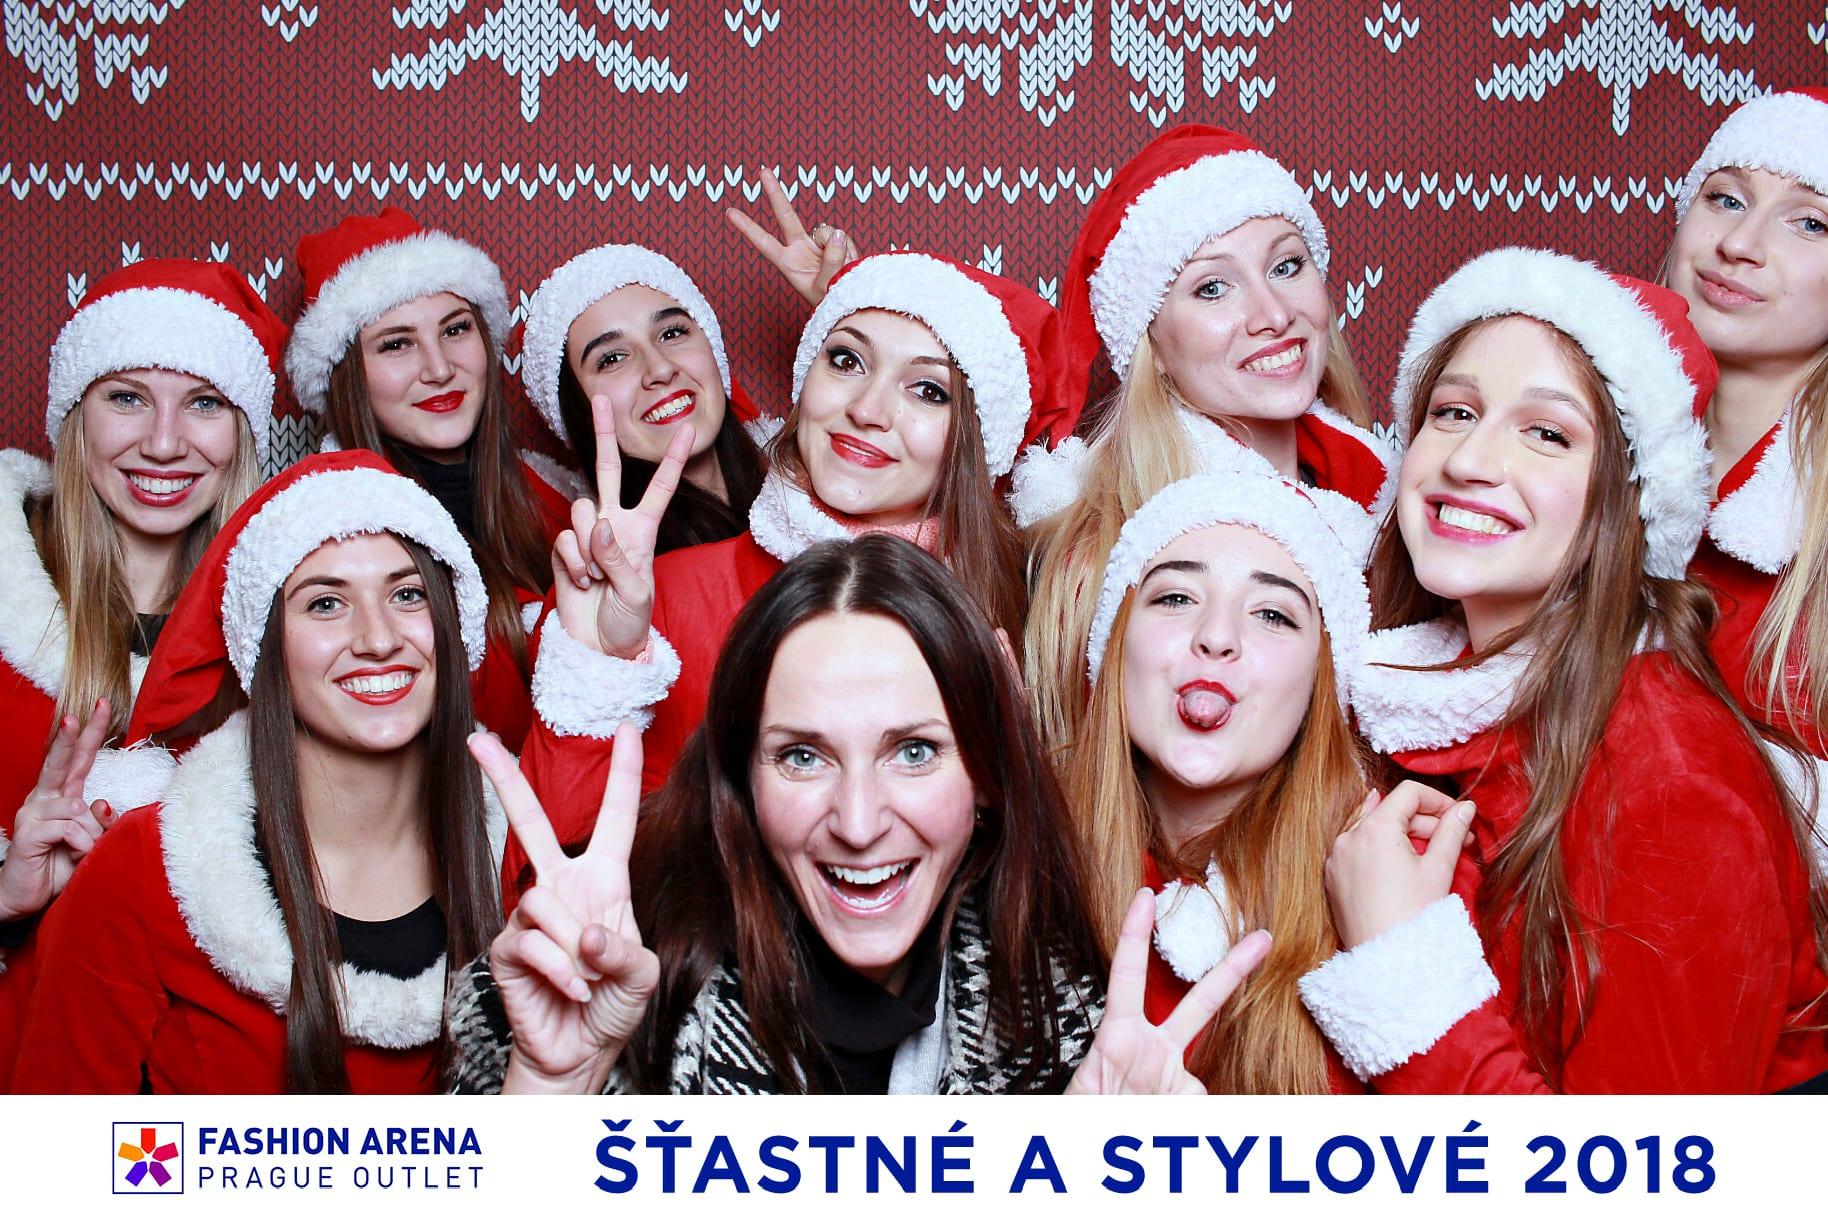 fotokoutek-fashion-arena-stastne-a-stylove-8-12-2018-542011